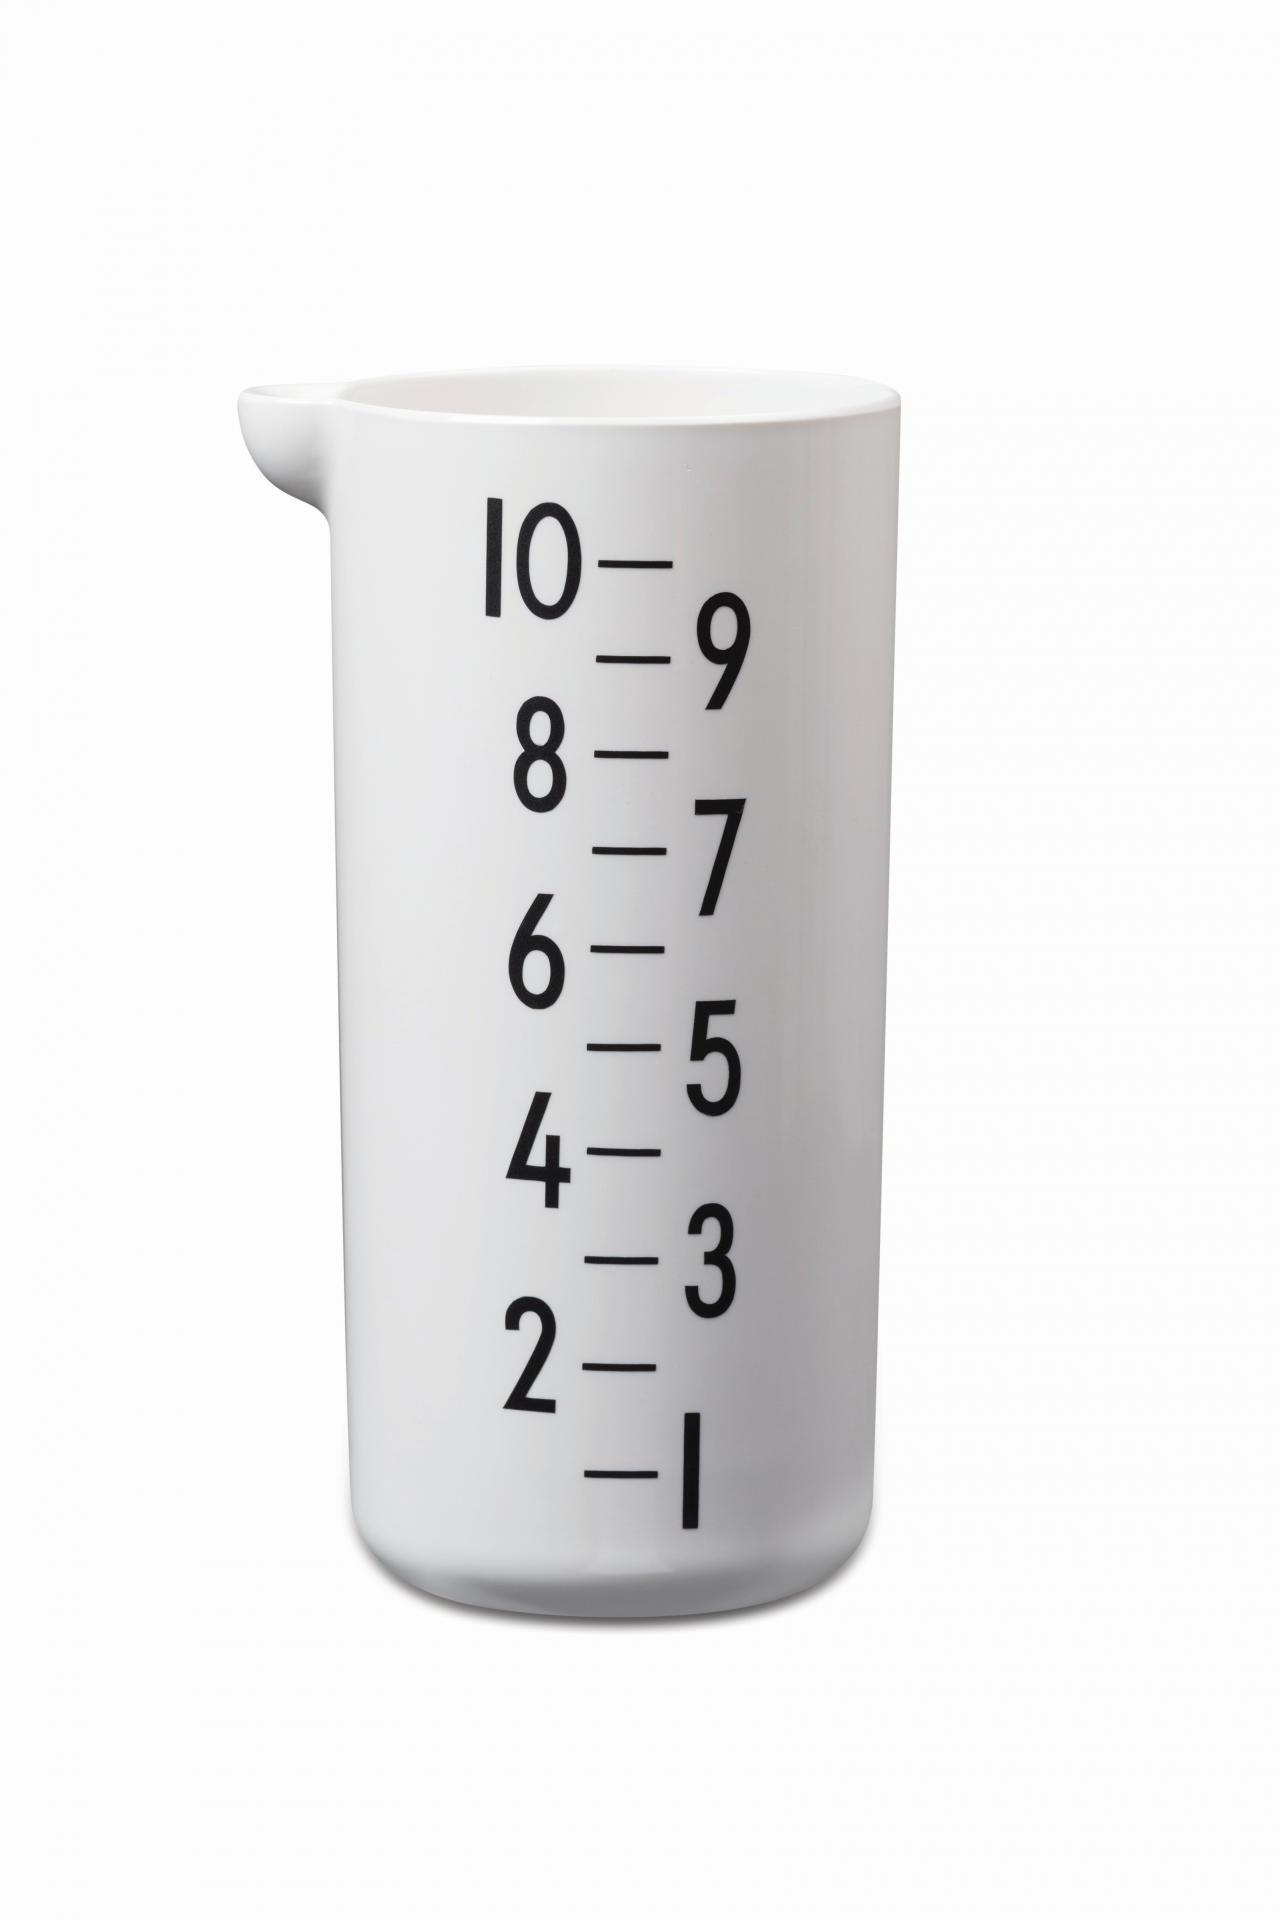 DESIGN LETTERS Melaminový měřicí džbánek Design Letters 1l, černá barva, bílá barva, krémová barva, melamin